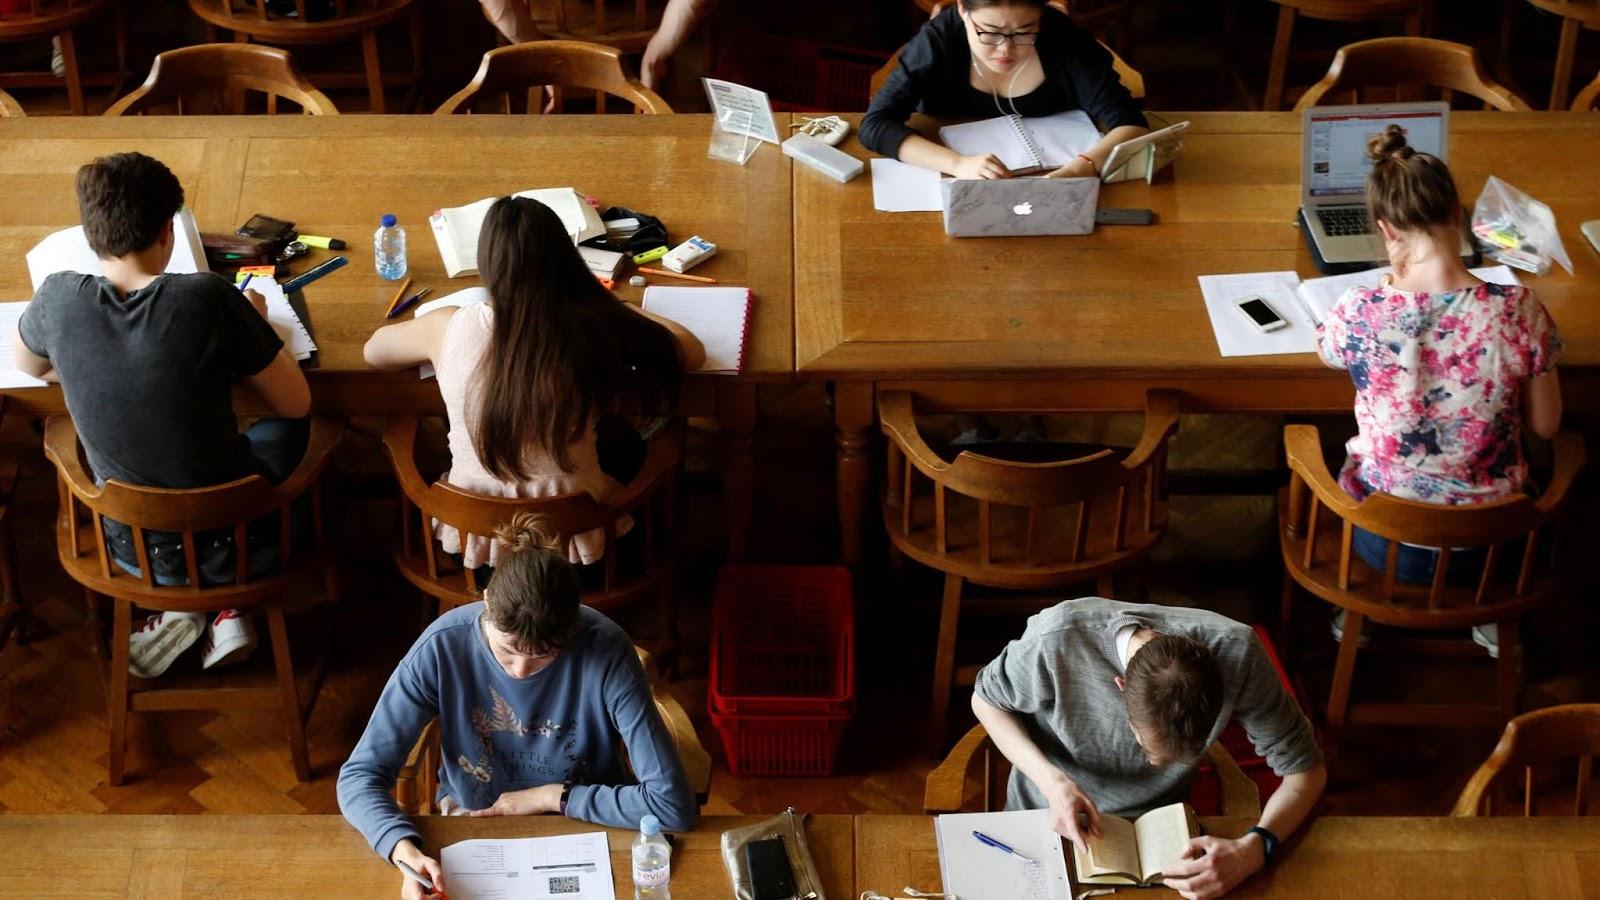 καλύτερο δωρεάν online dating για φοιτητές Πανεπιστημίου